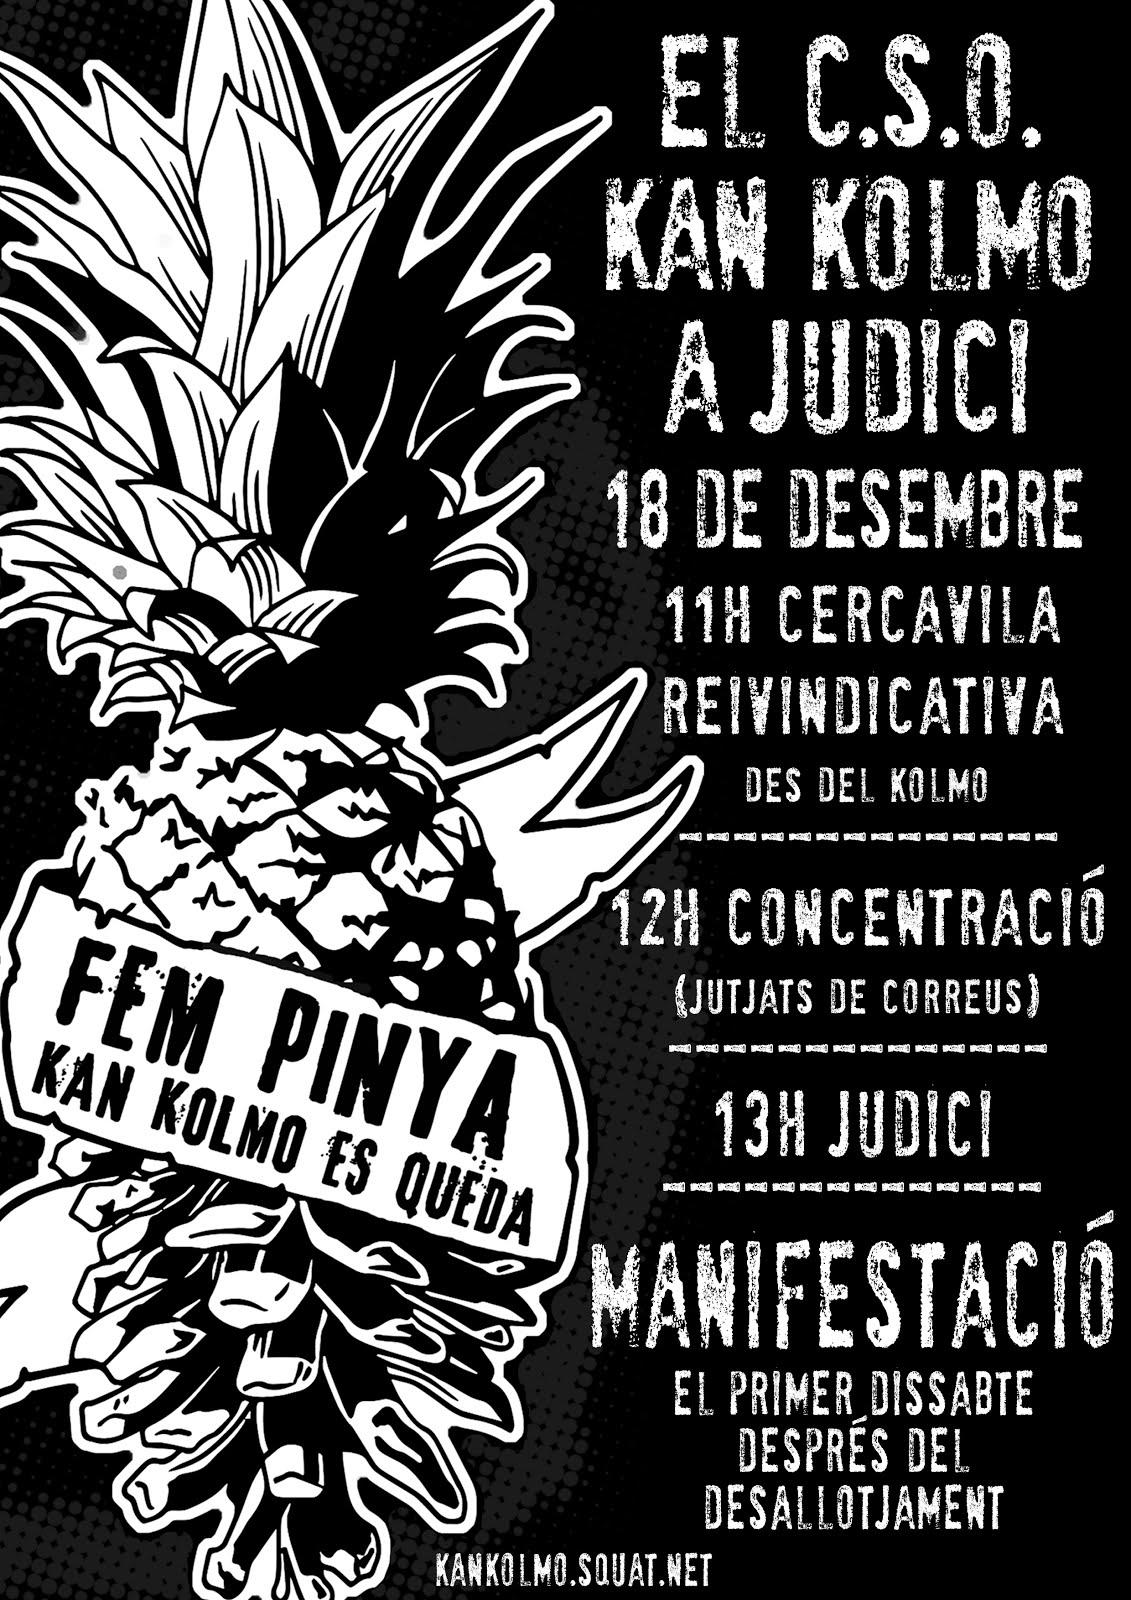 A Girona, el dimarts 18 de desembre, el Centre Social Okupat Kan Kolmo a judici